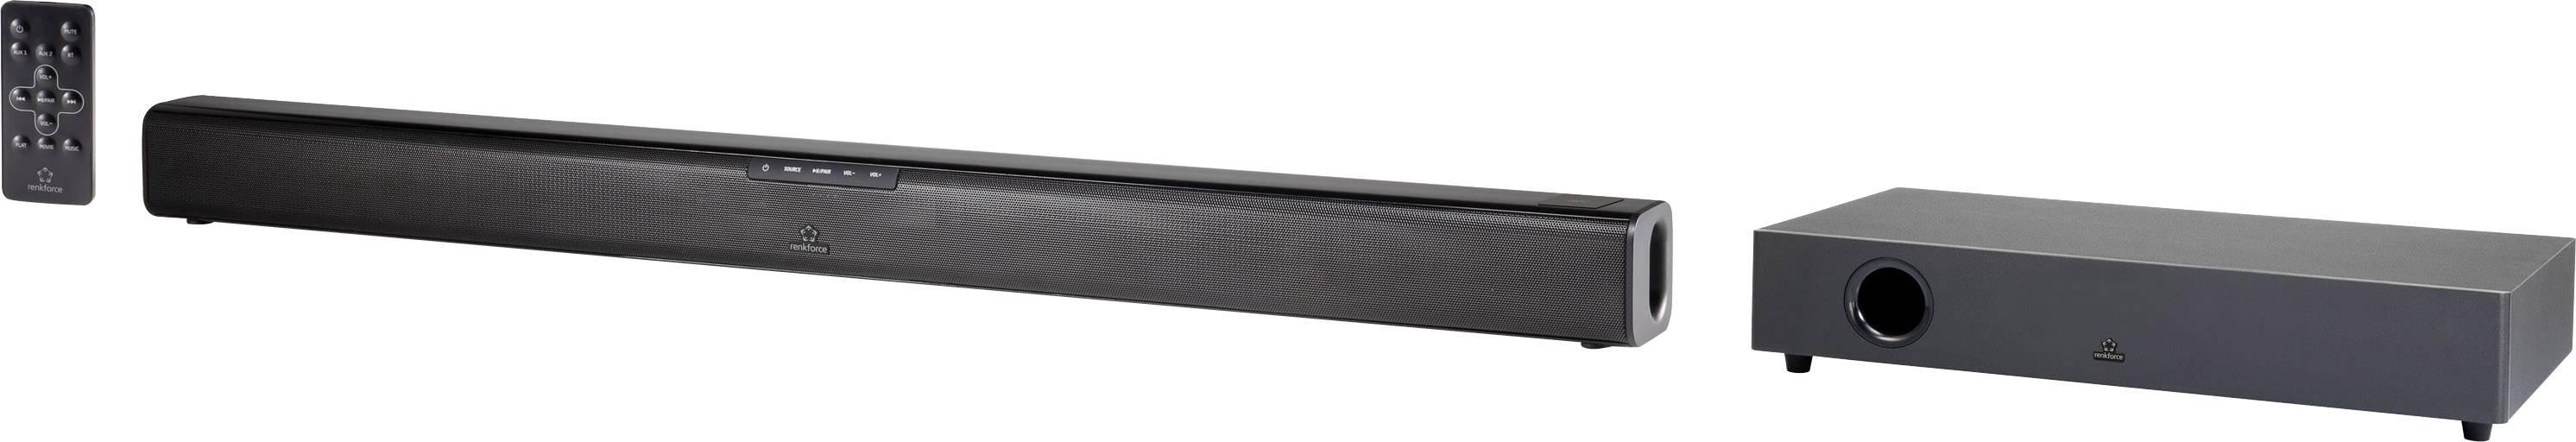 Soundbar Renkforce TB230WW s bezdrátovým subwooferem, s Bluetooth® a NFC, k upevnění na zeď